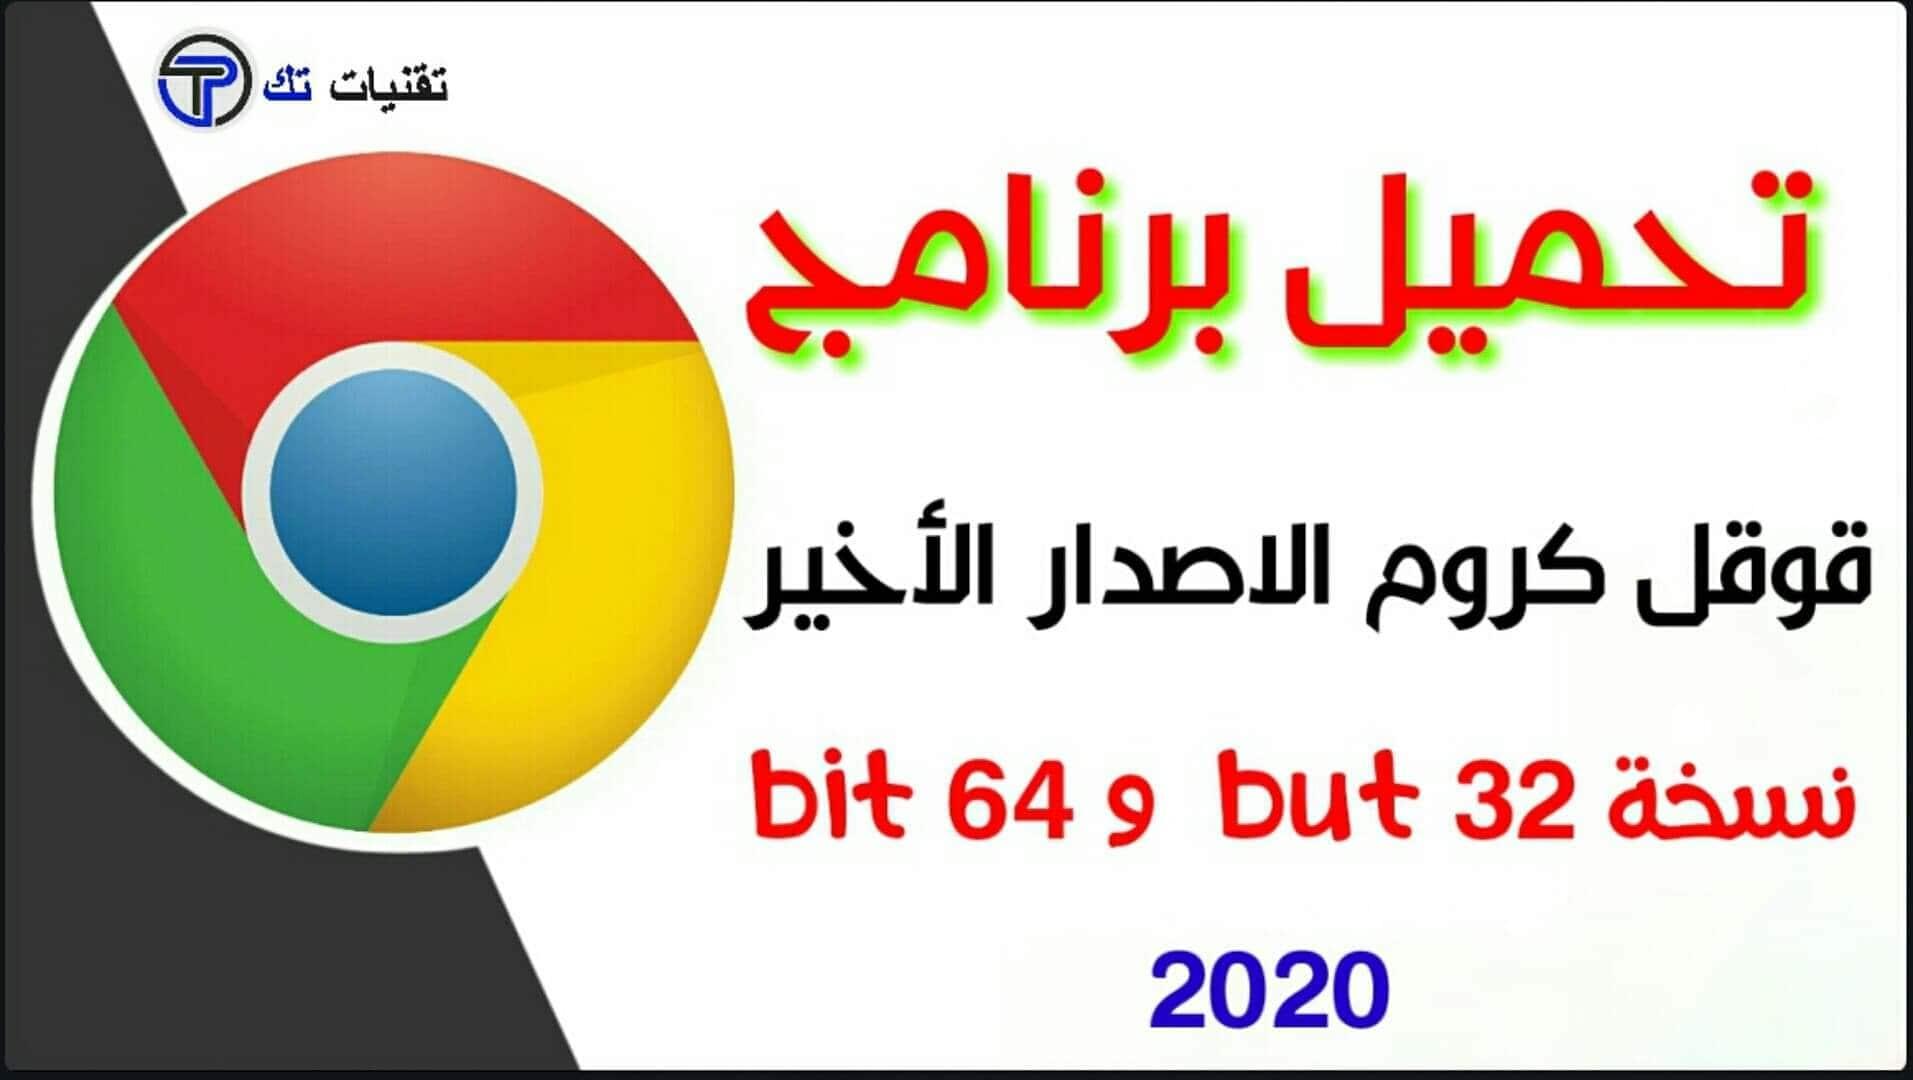 جوجل كروم  تحميل جوجل كروم 32 bit و64 bit  كمبيوتر ويندوز برامج